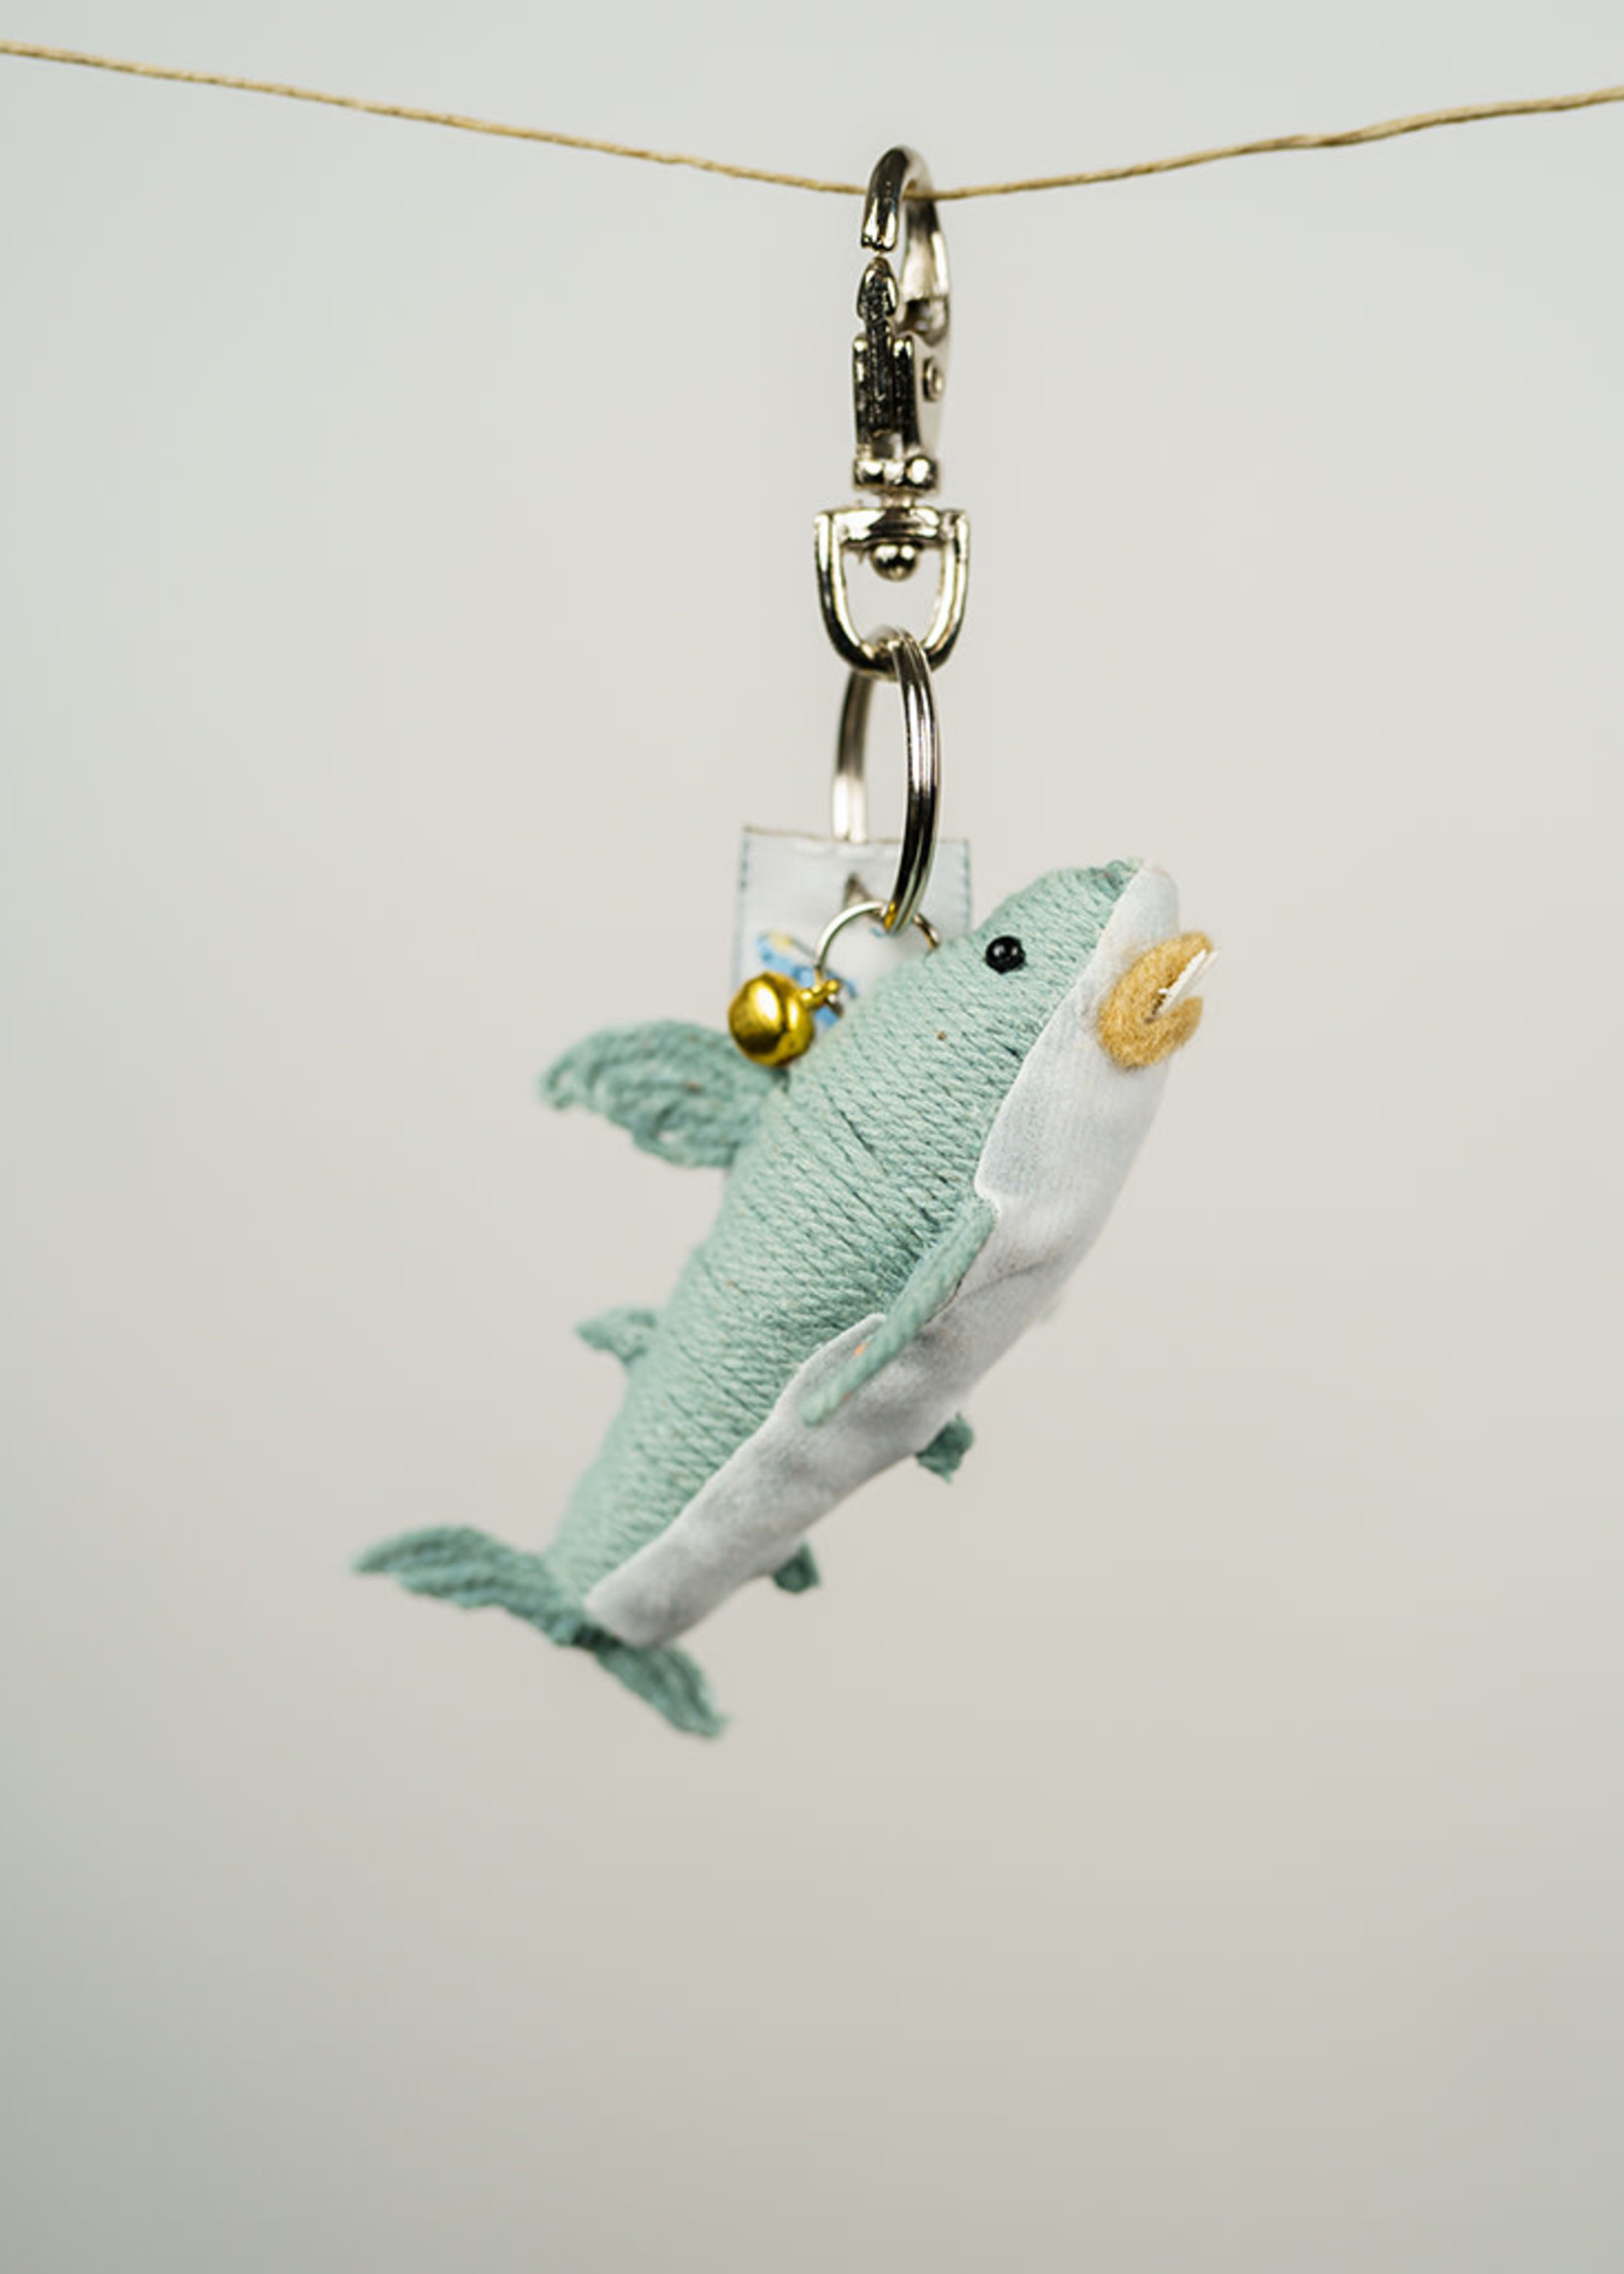 Hannibal Shark String Doll